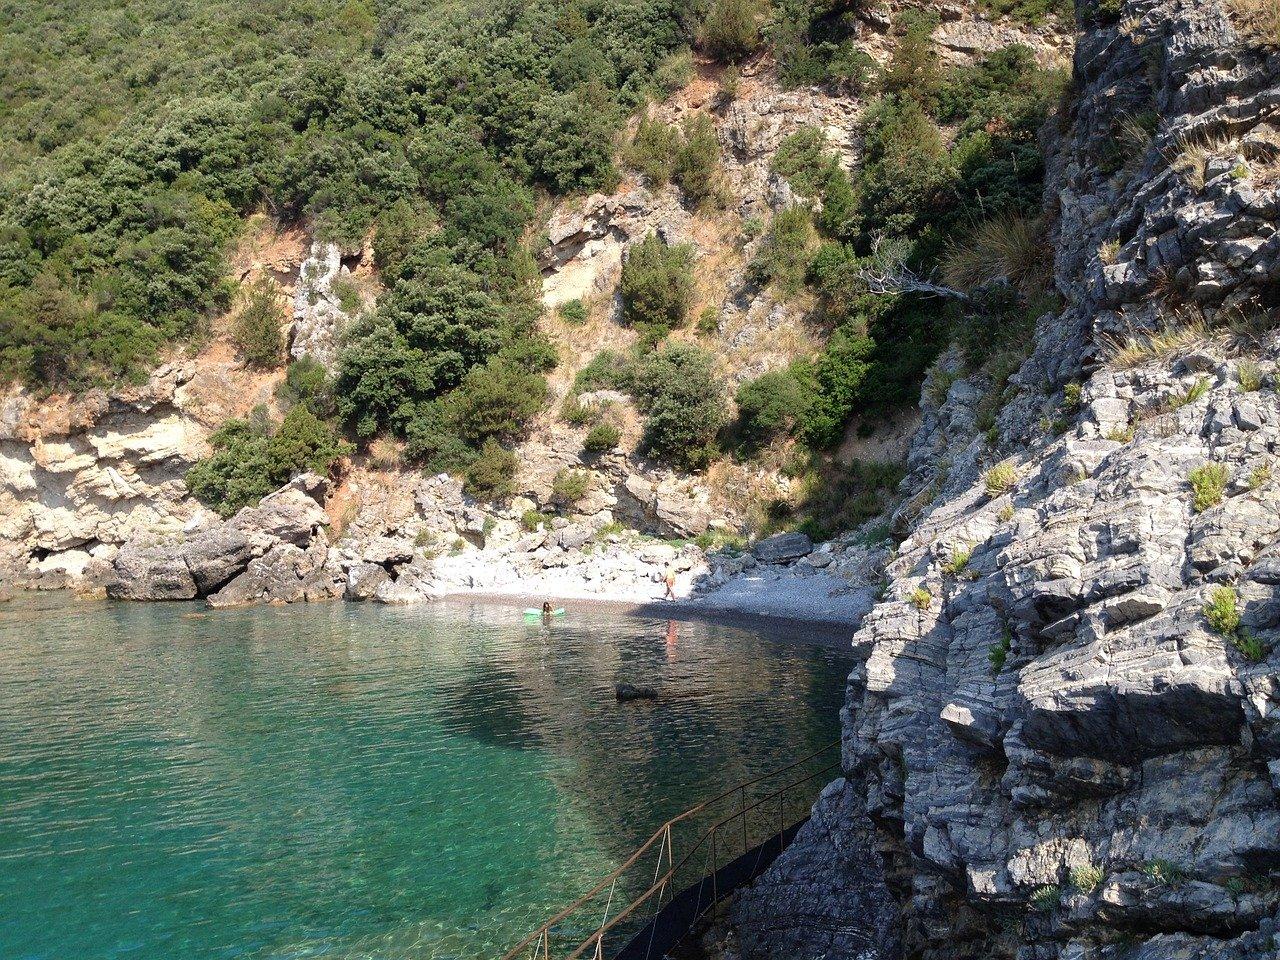 Vacanze low cost per Wanda Nara? Relax e birra in piscina a Parigi